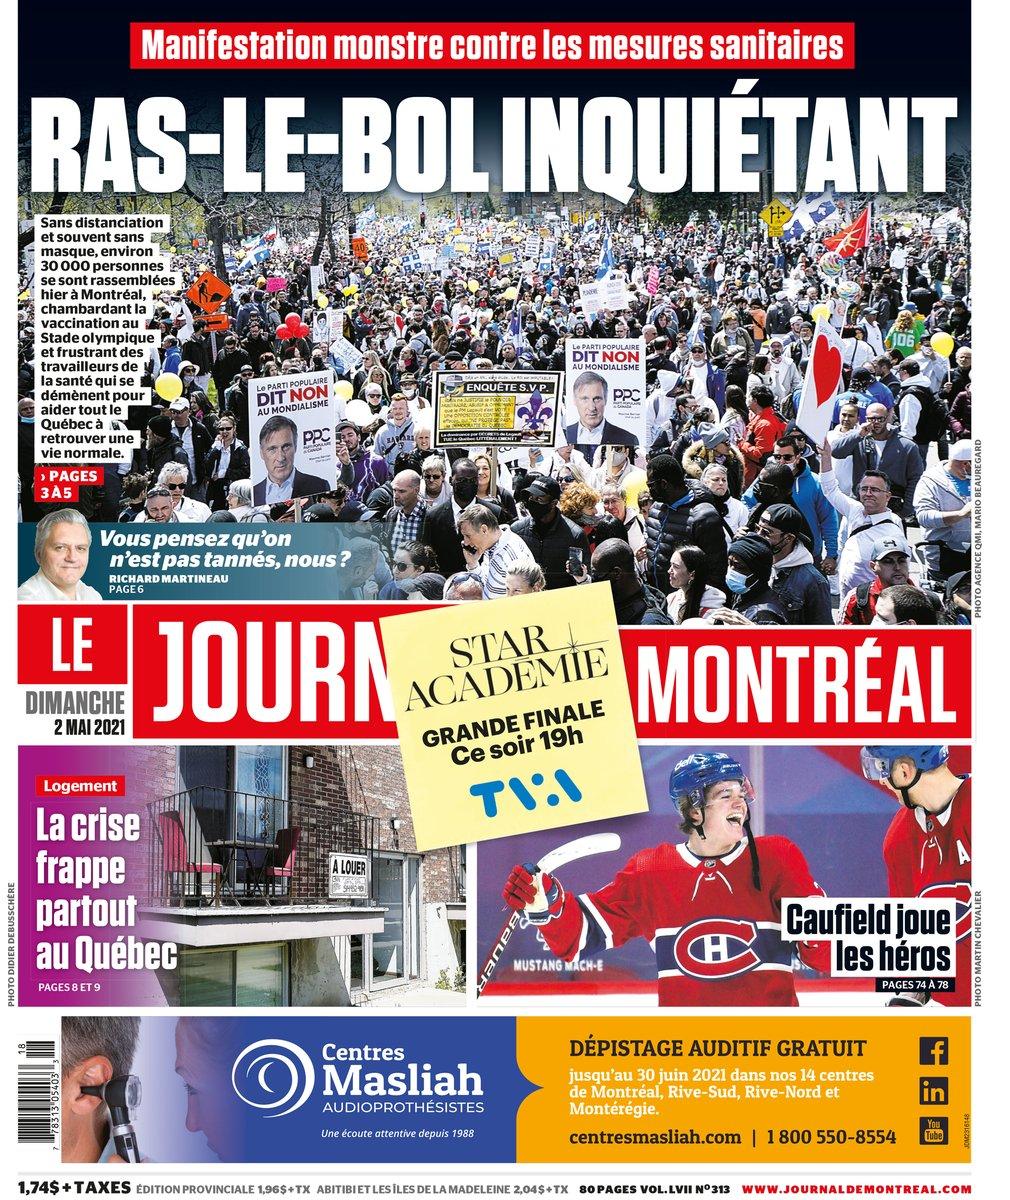 Québec Debout - Maxime Bernier, Journal de Montréal, 2 mai 2021